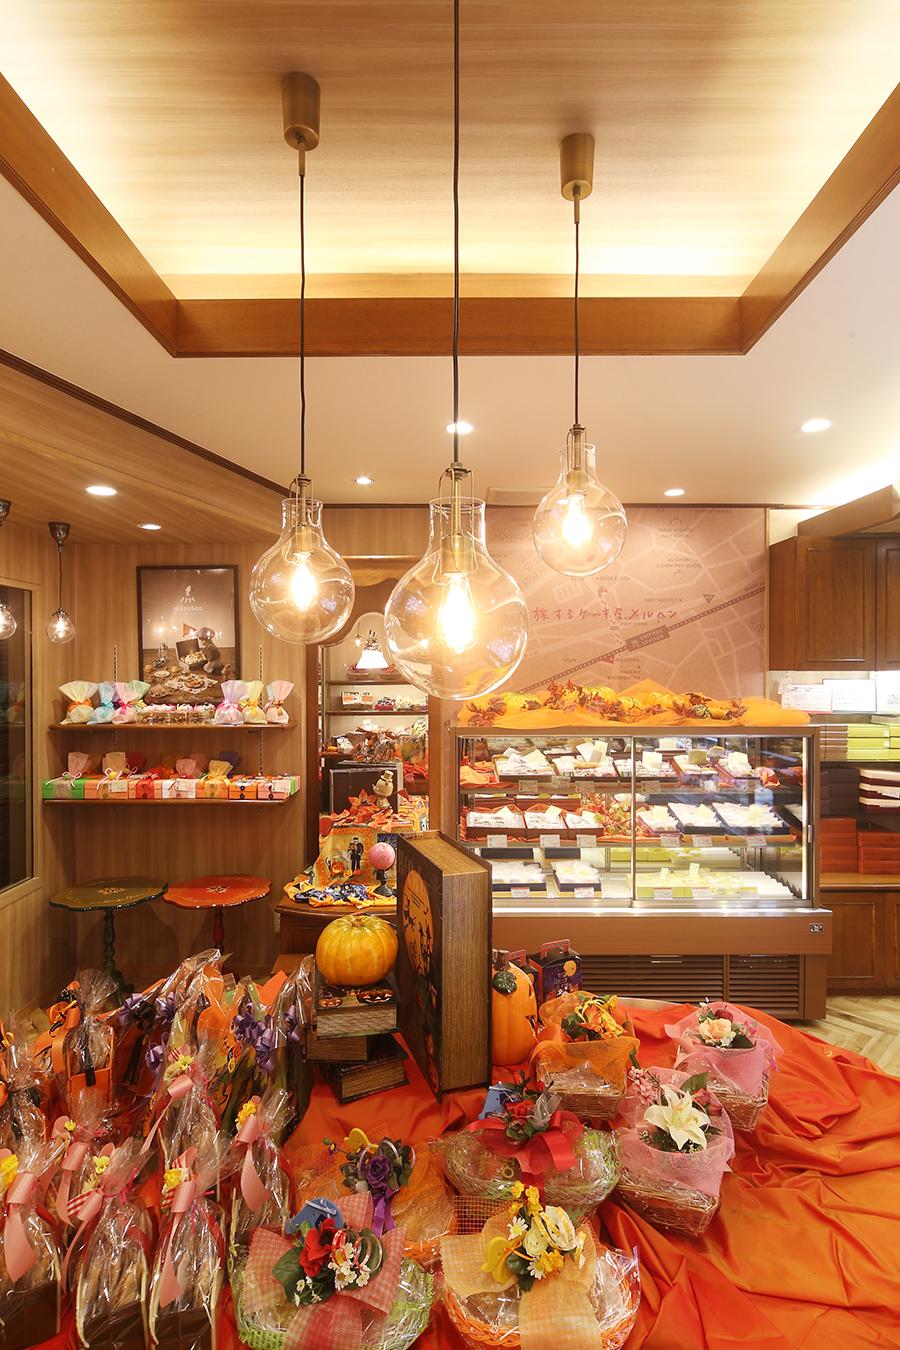 ケーキ屋の店舗デザイン